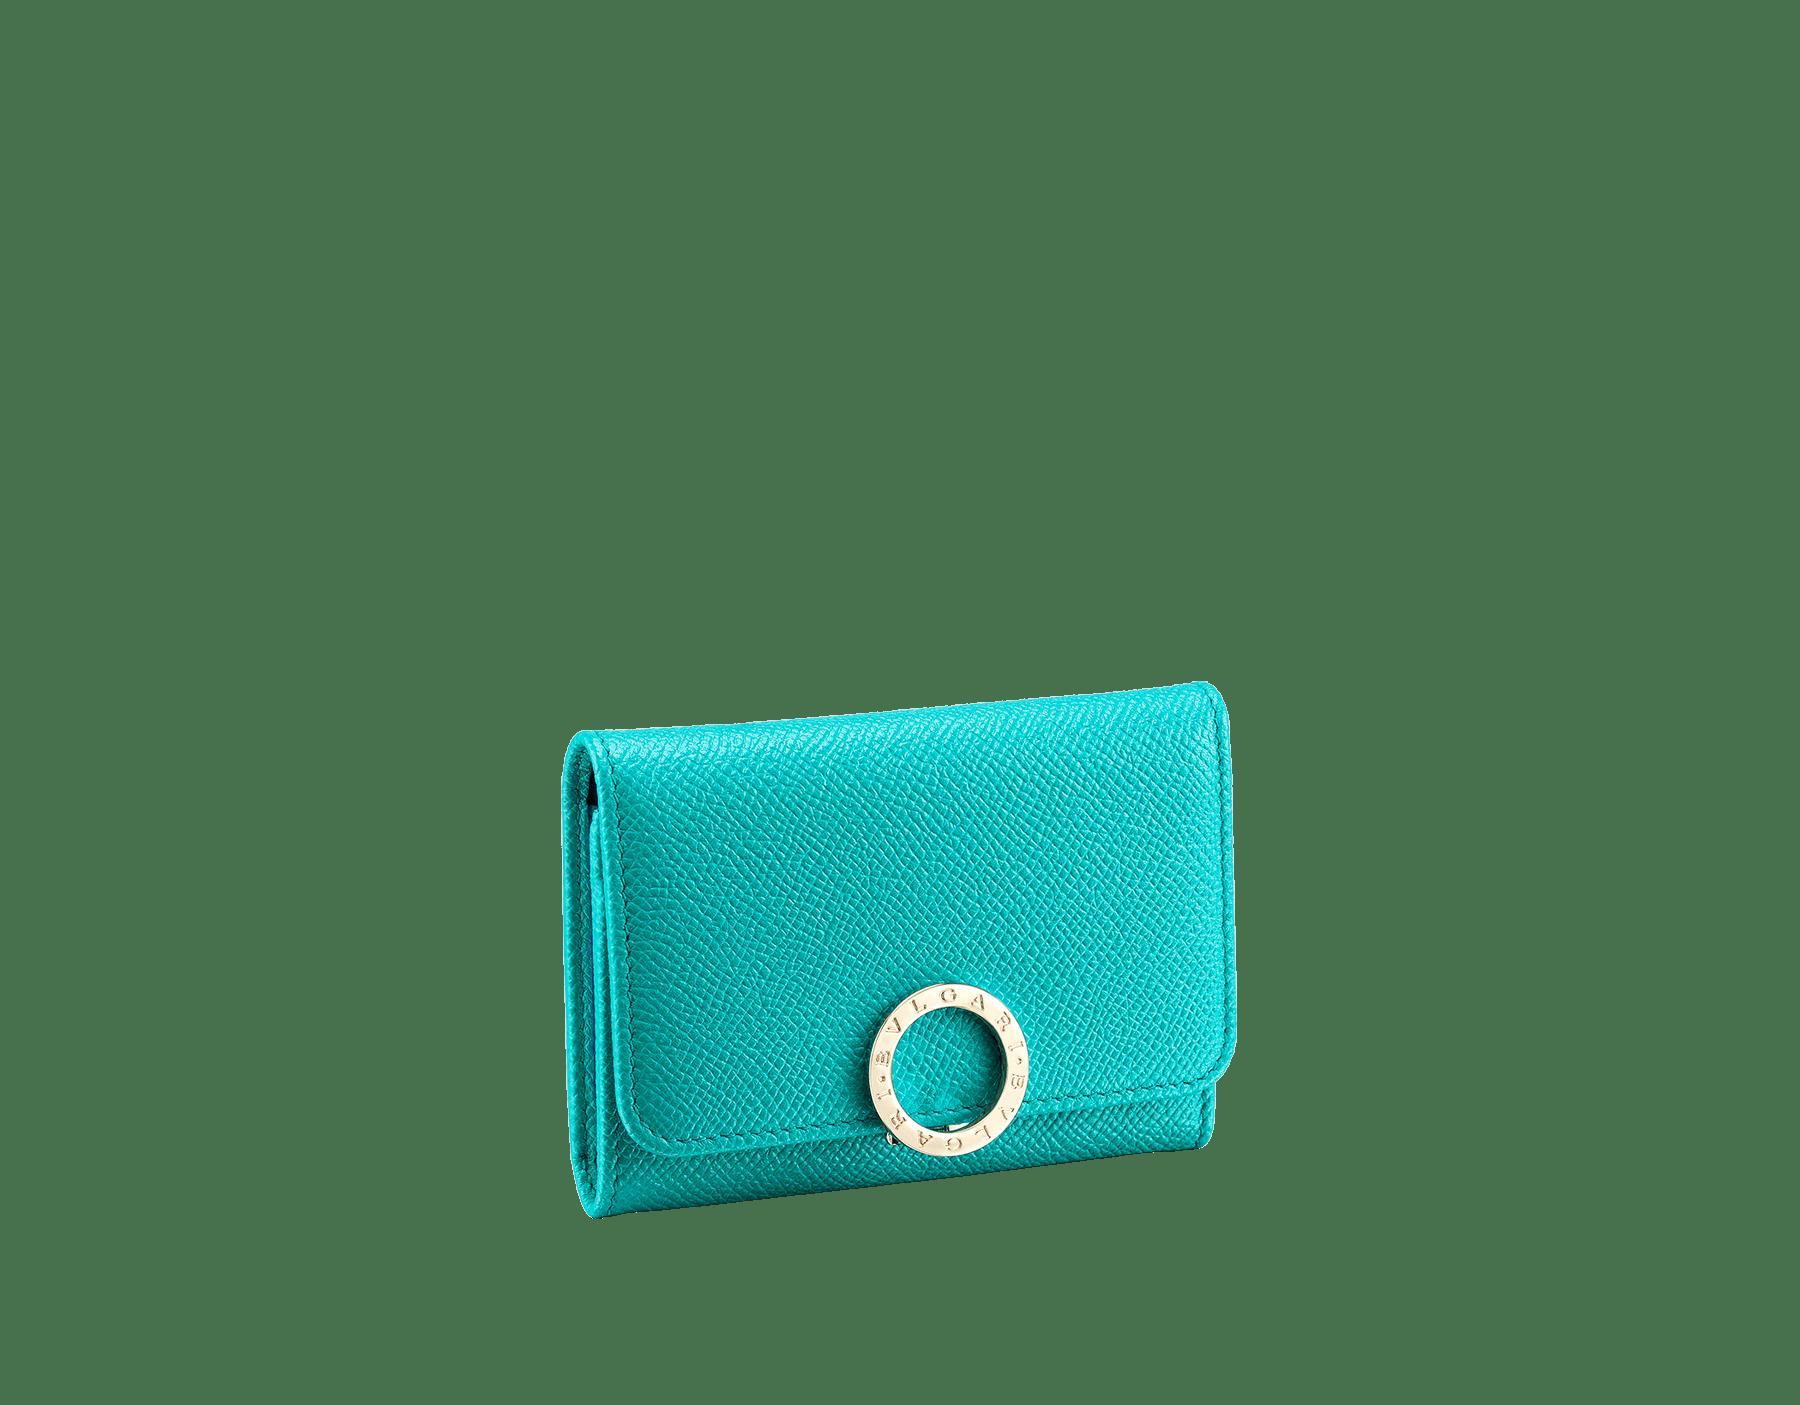 Porta-cartão de visita BVLGARIBVLGARI em couro de novilho granulado turquesa-tropical e napa jade-profundo. Icônico fecho de clipe com logotipo em metal banhado a ouro claro. 288161 image 1